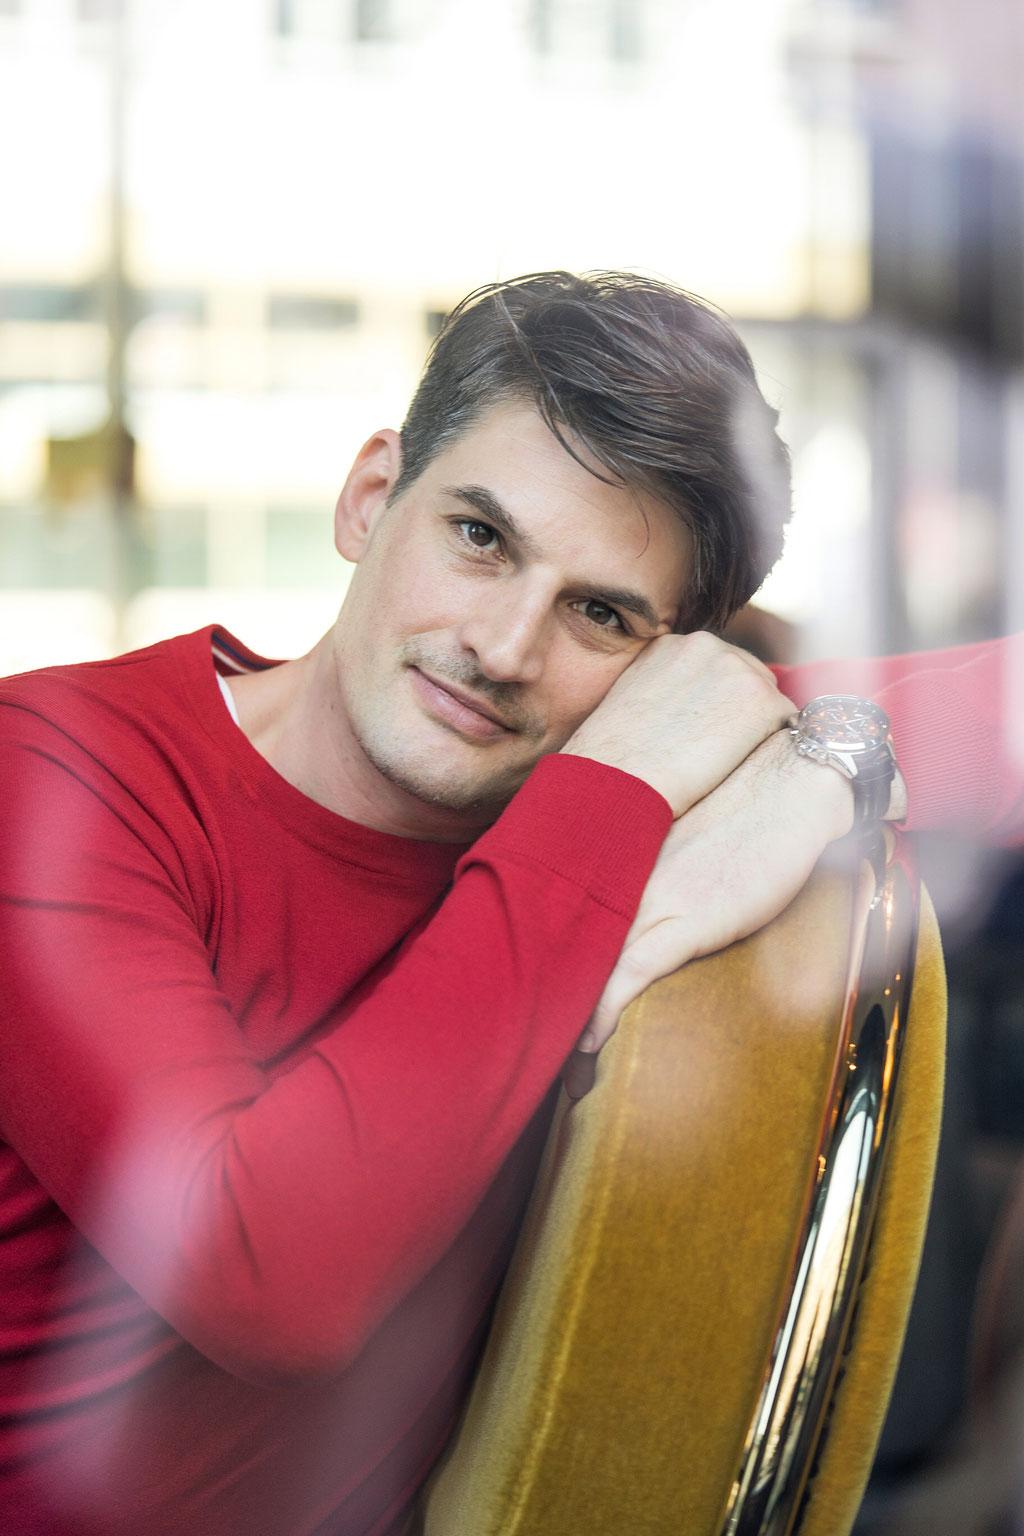 Christoph Gerard Stein - Schauspieler - Künstlerportrait - Frankfurt am Main - Photo by Melina Johannsen